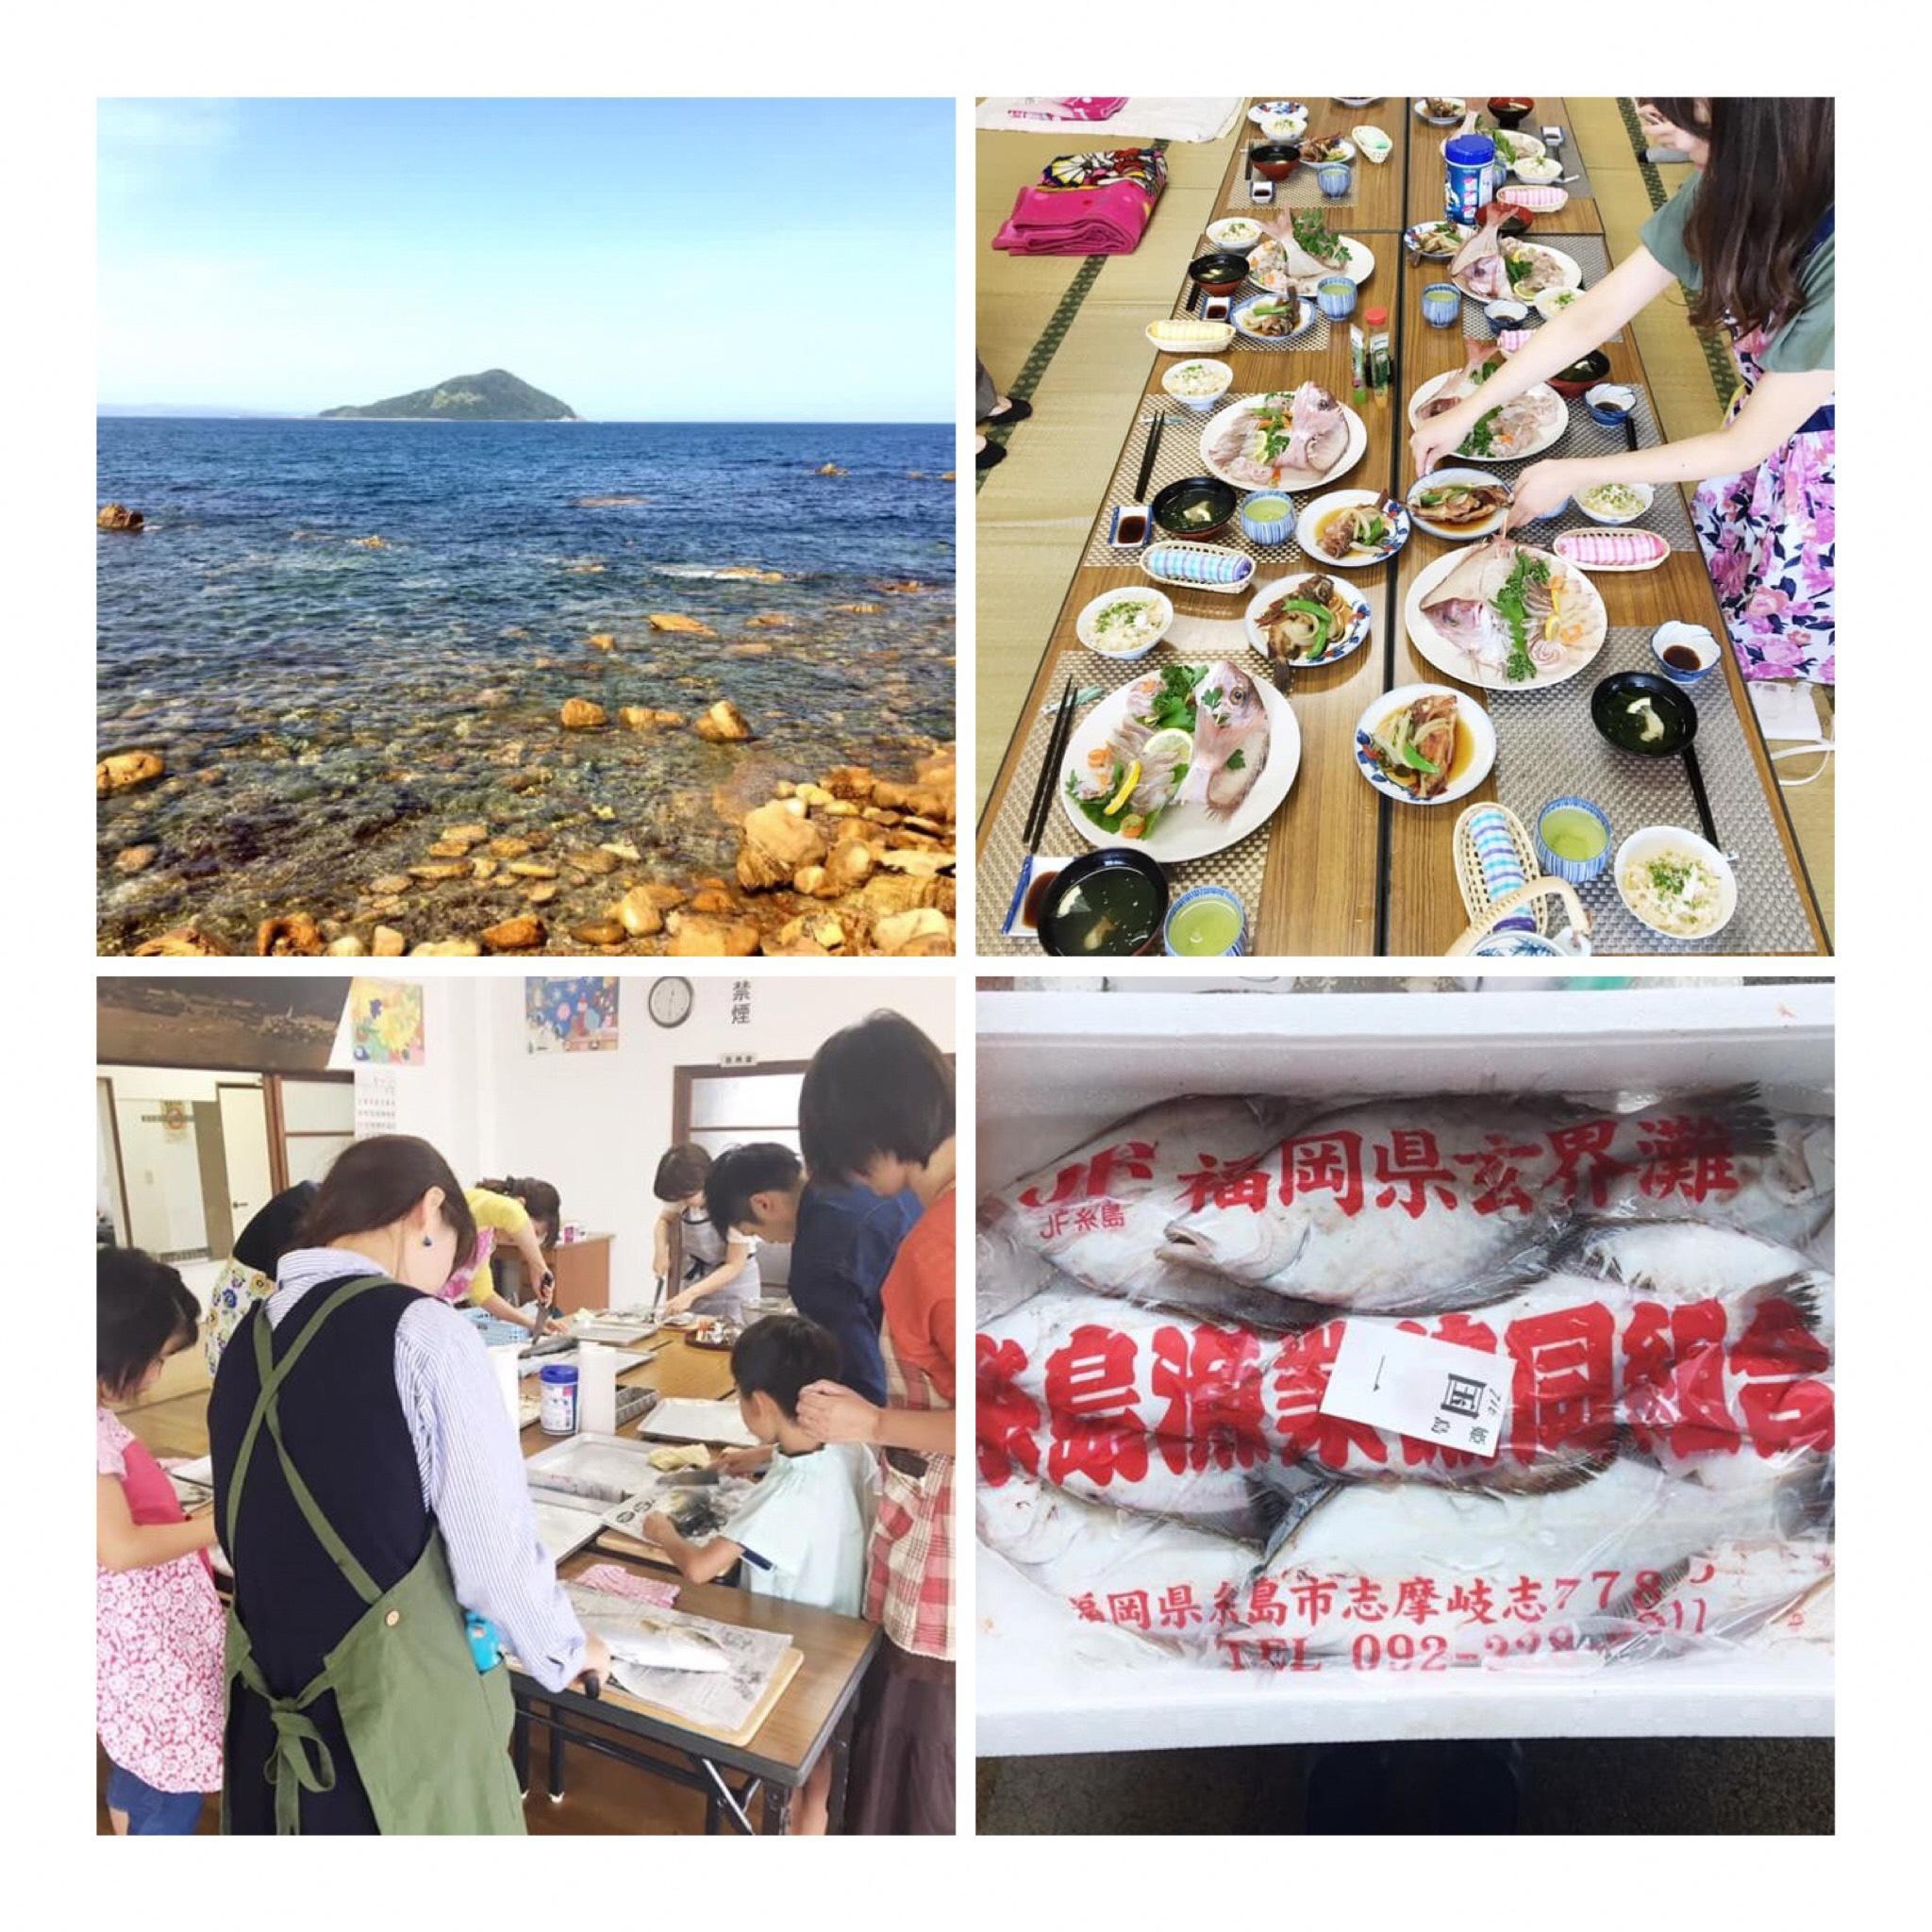 魚さばき教室 in 姫島に関する画像